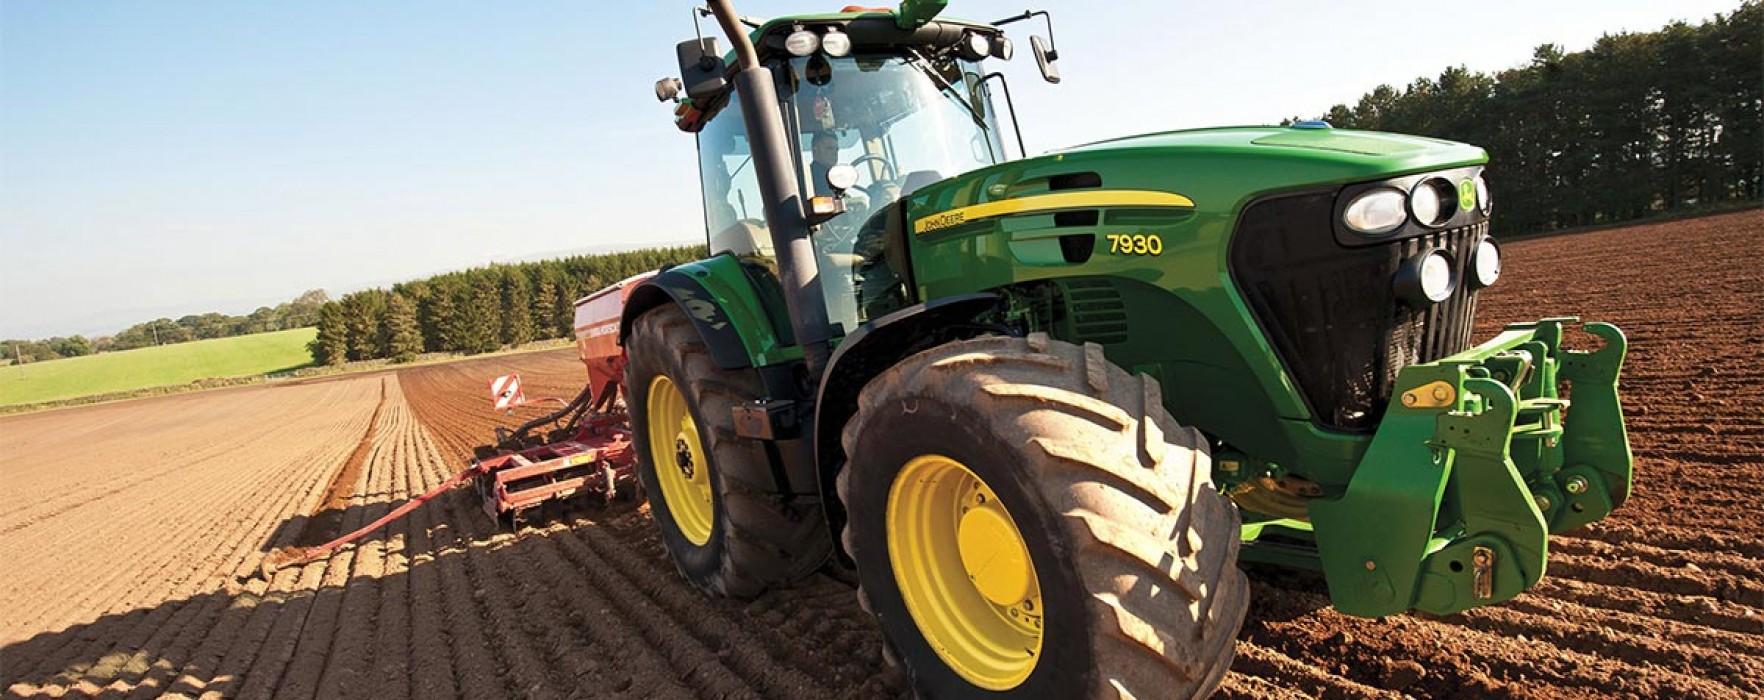 Post de tractorist în Marea Britanie, salariu 22.000 lire/an